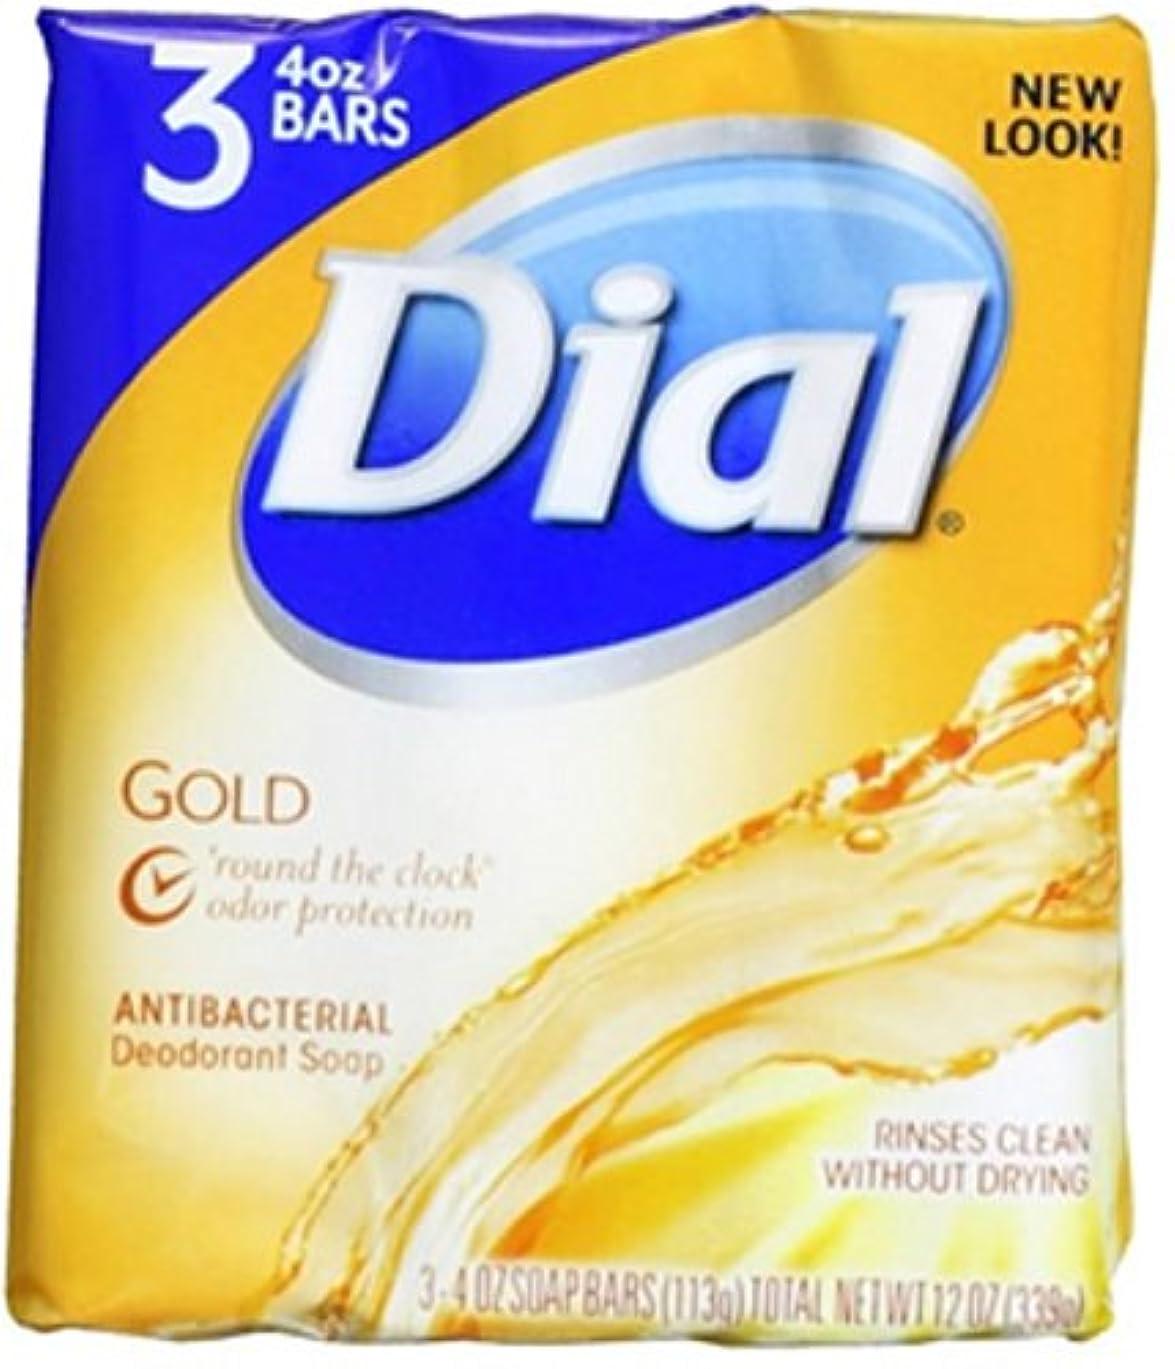 製油所区画スカウトDial 抗菌消臭石鹸バー、ゴールド、4つのオズバー、3 Eaは(6パック)